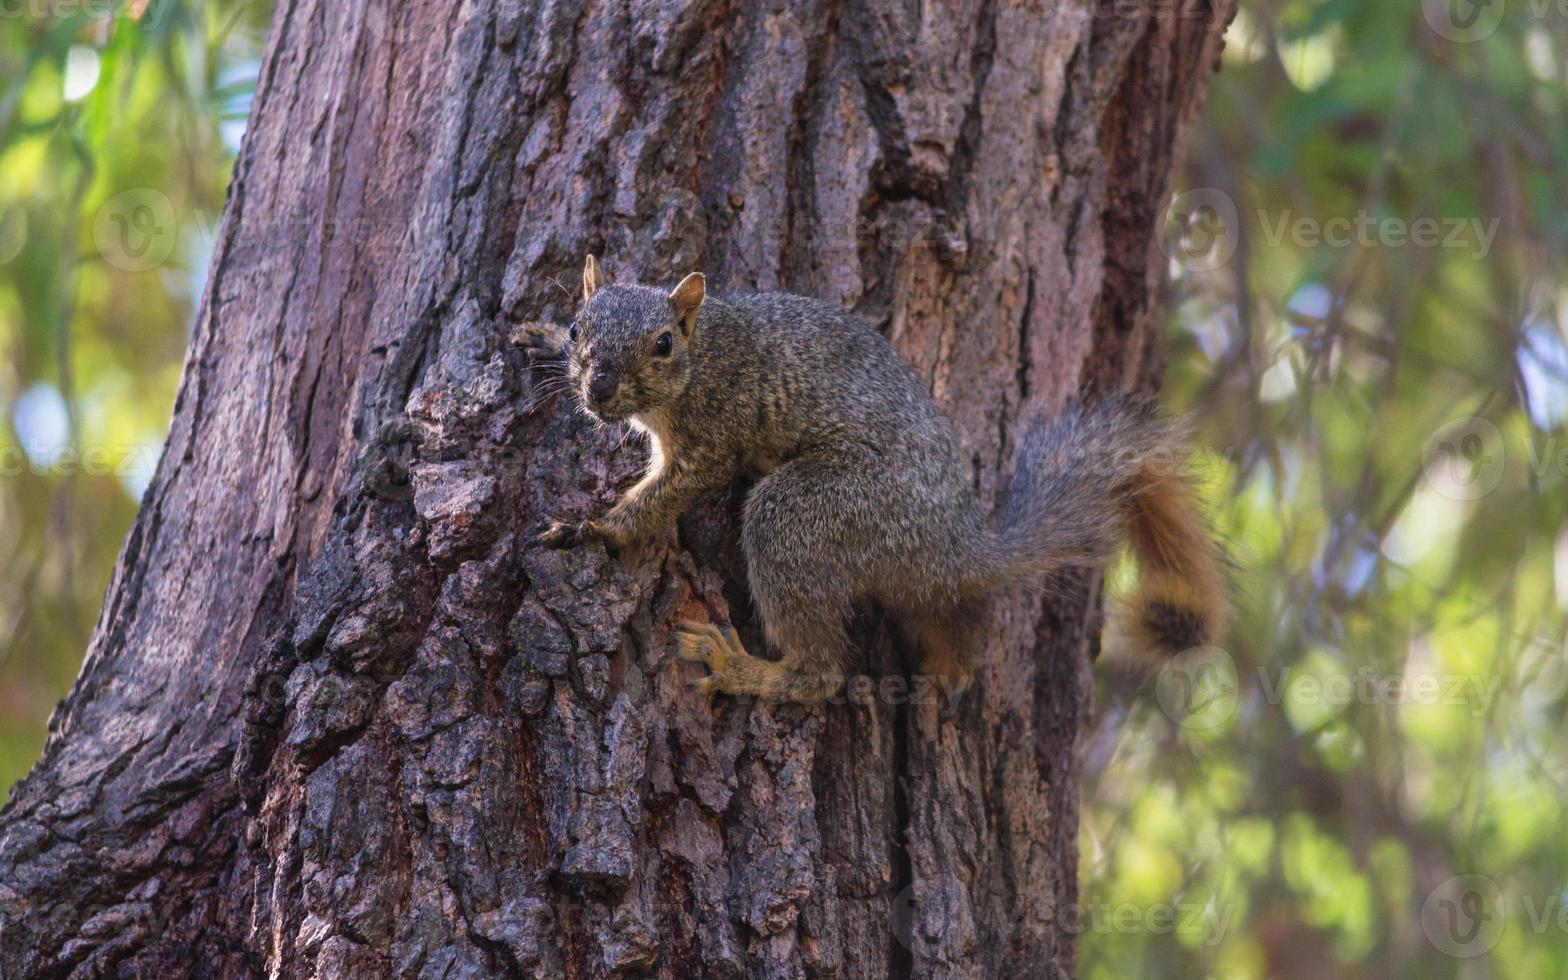 esquilo raposa em uma árvore foto